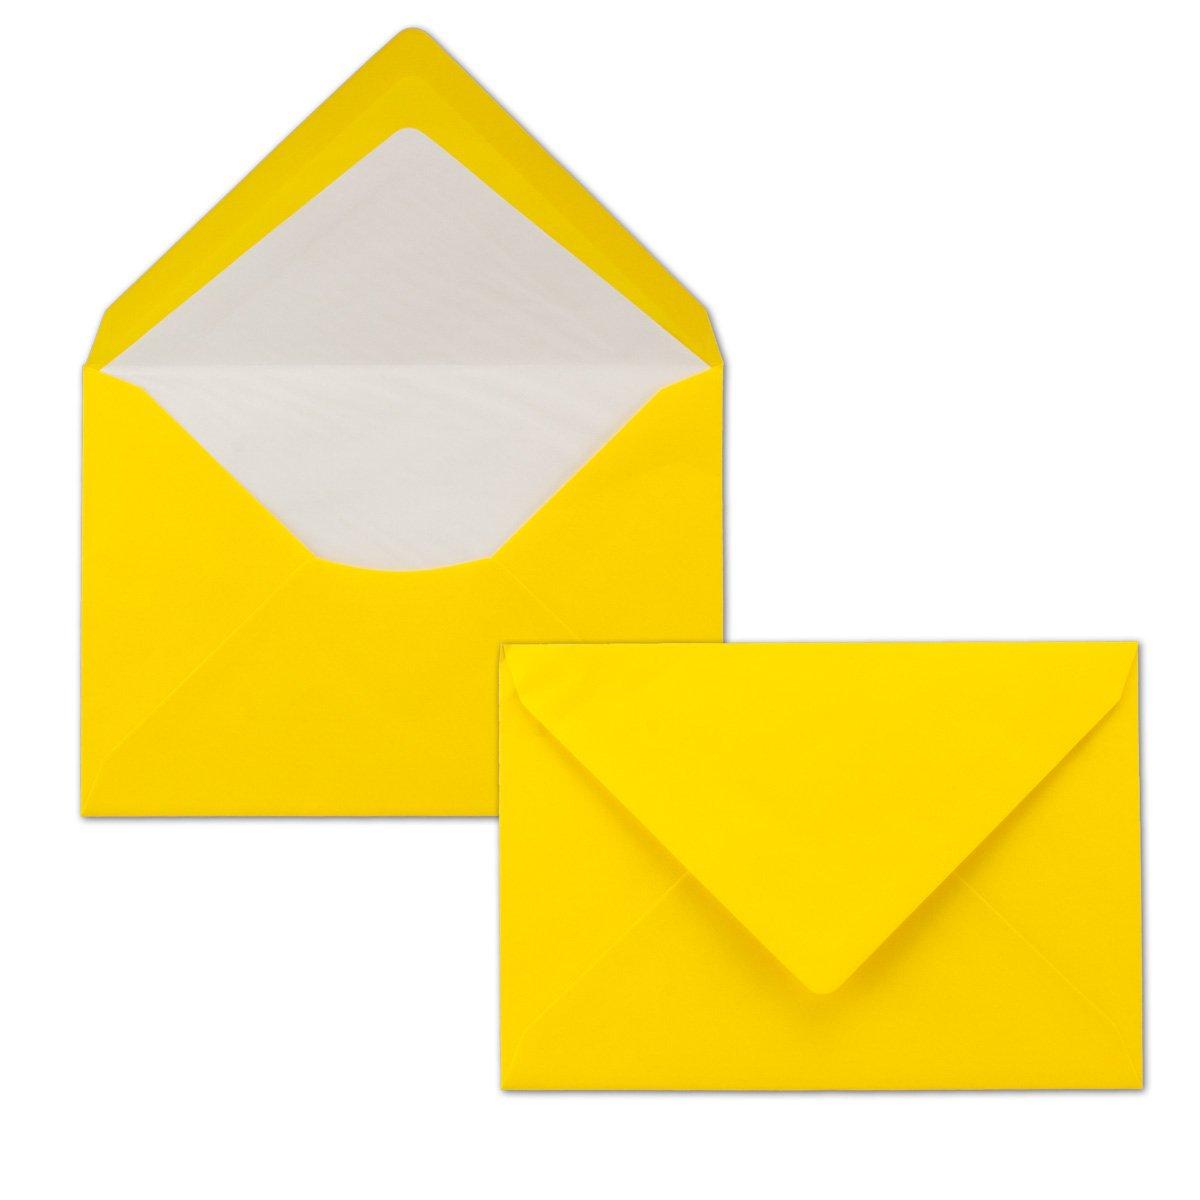 Foderate con carta velina bianca Busta con fodera interna I marca FarbenFroh/® di Gustav NEUSER/® 75 St/ück verde scuro 114 X 162 mm Chiusura adesiva Buste da lettera colorate DIN C6 80 g//m2